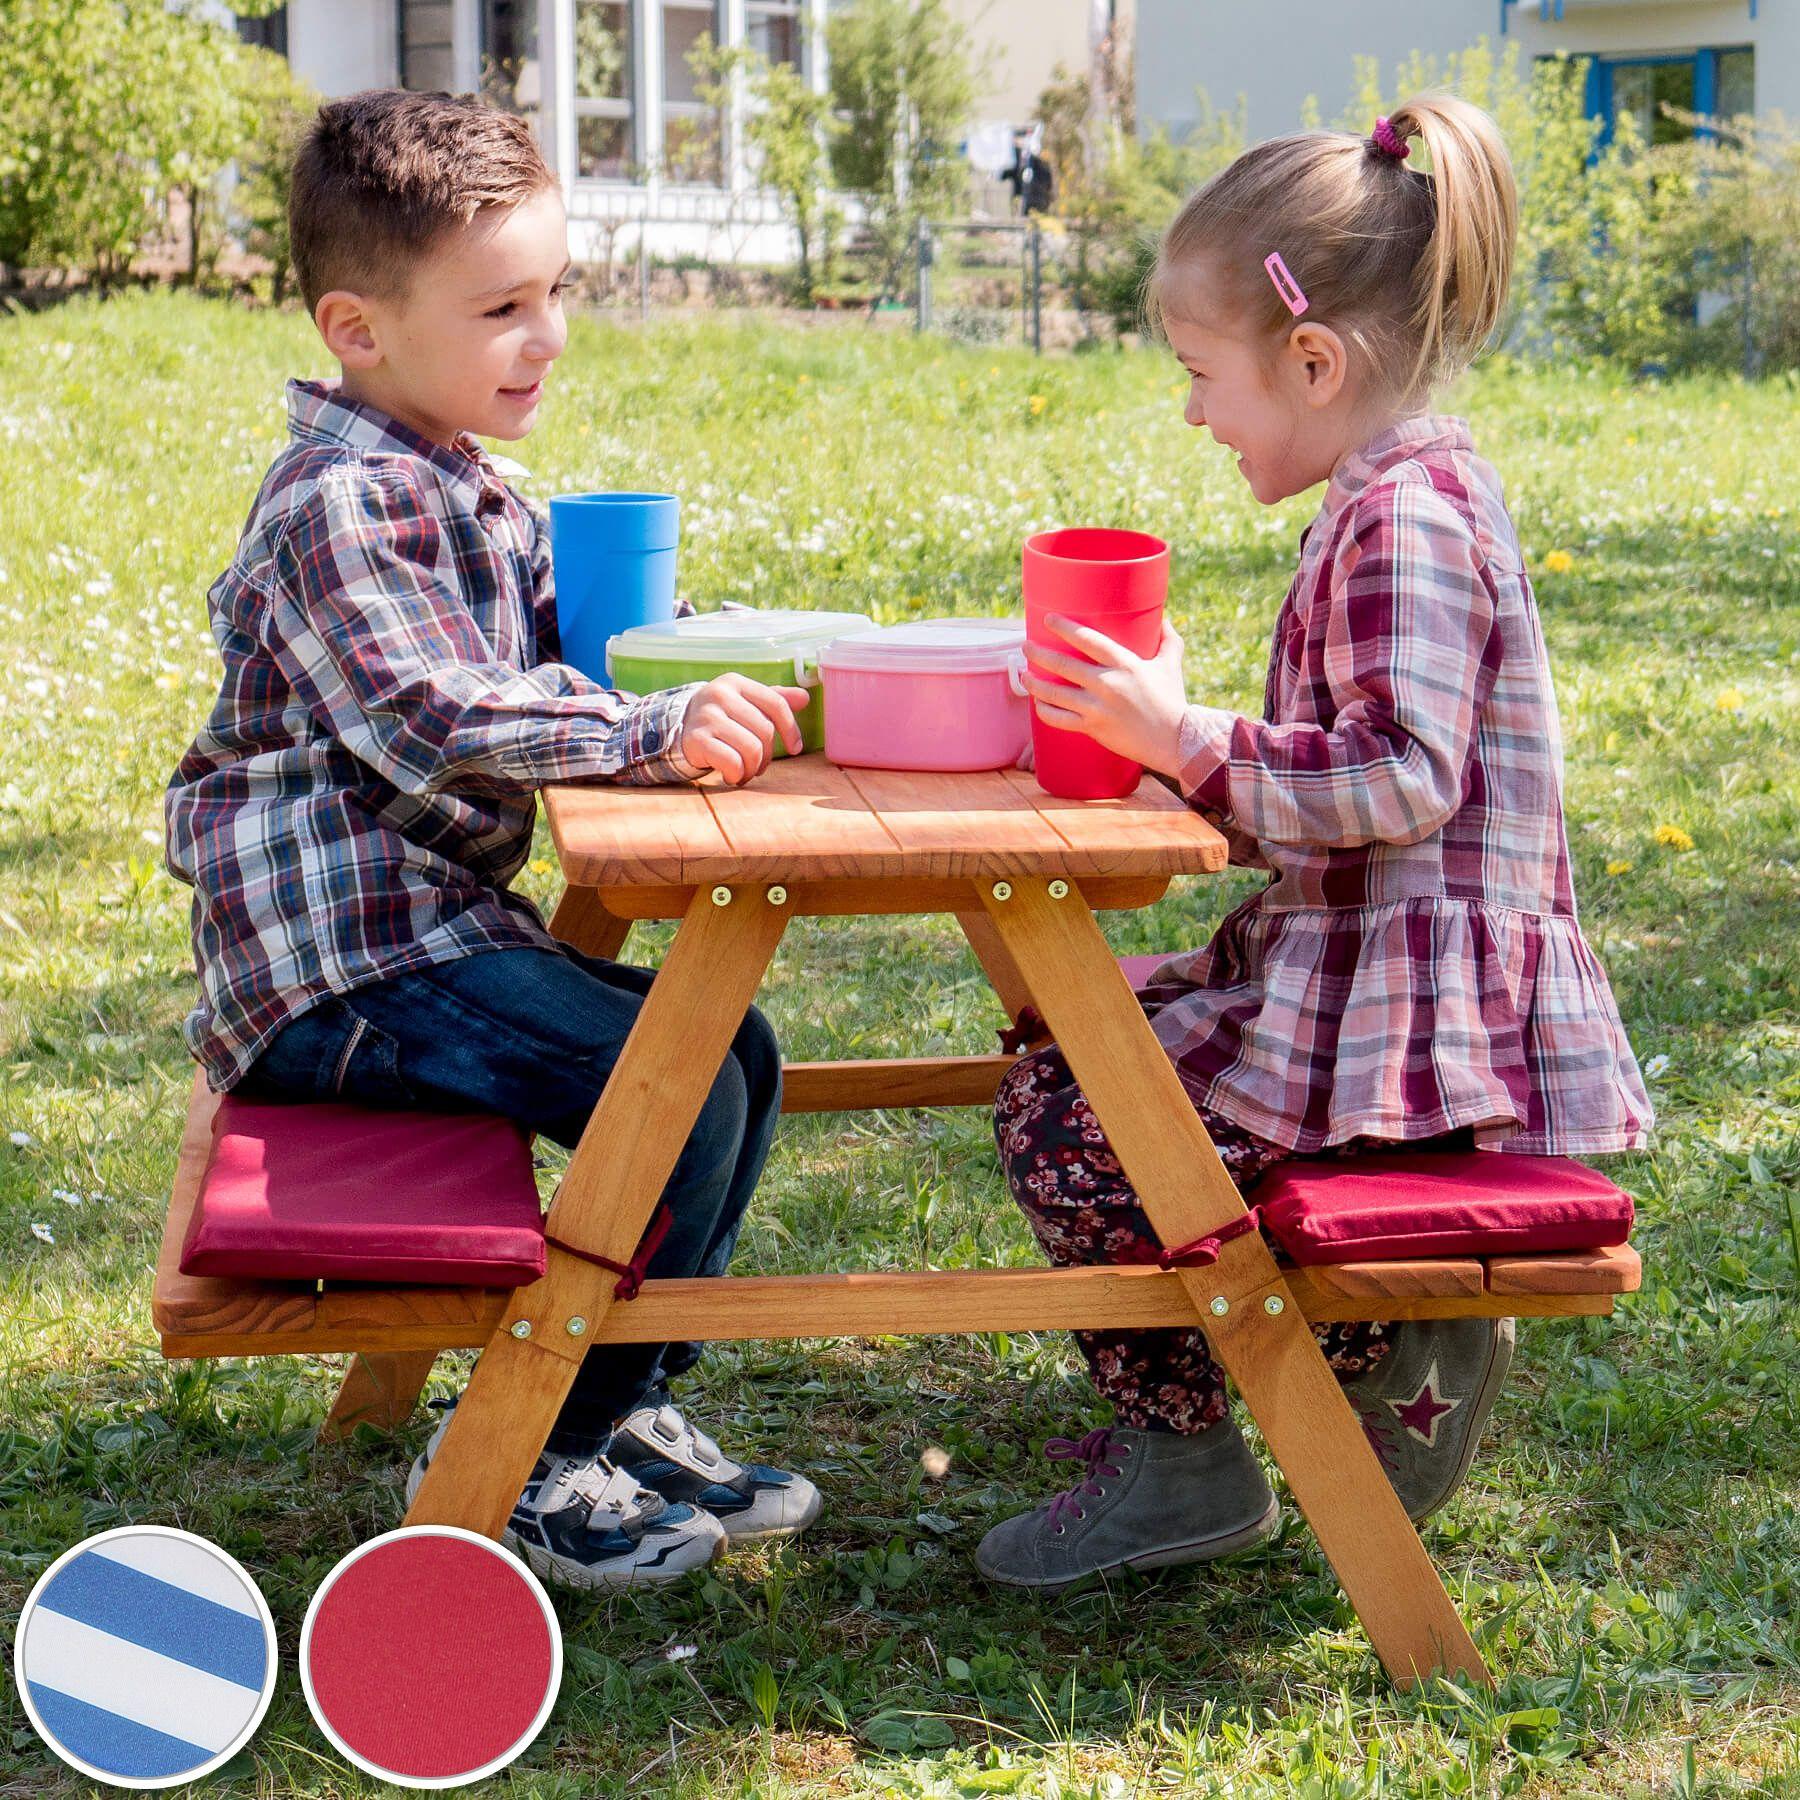 Table bancs de pique nique meubles enfants bois jardin avec coussins ebay - Table de jardin pique nique bois ...